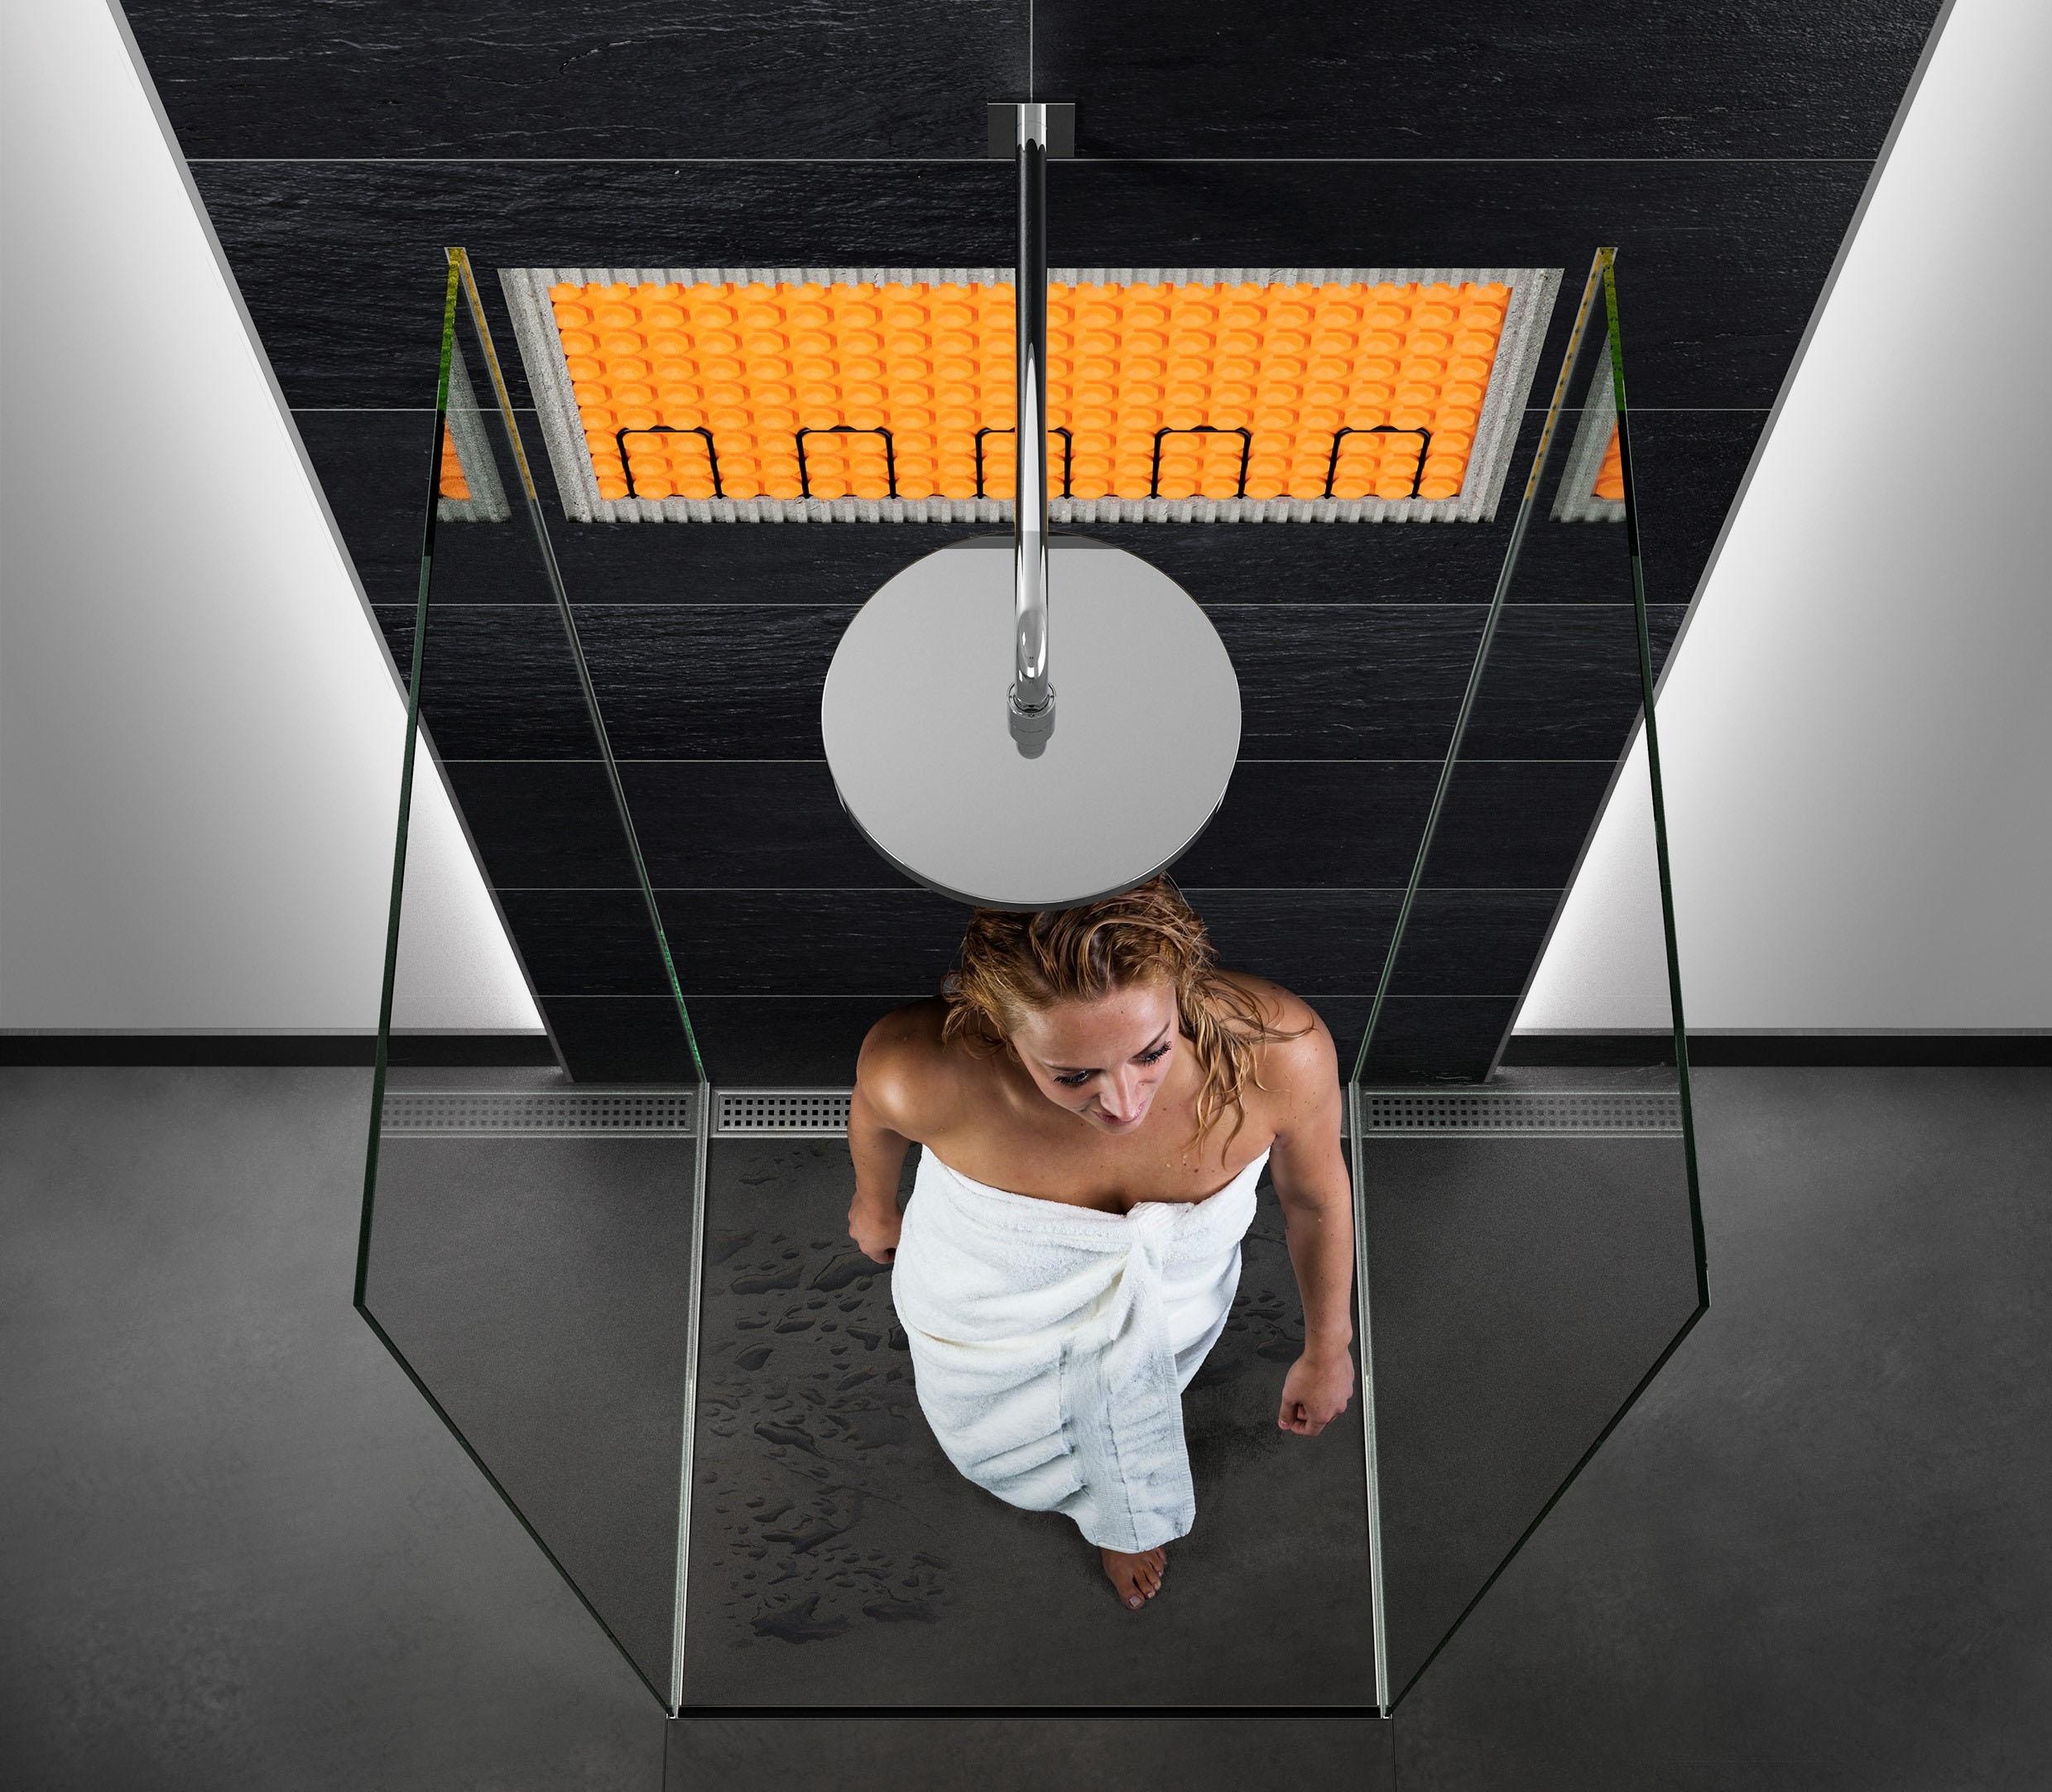 Elektrische Boden- und Wandheizung in der Dusche